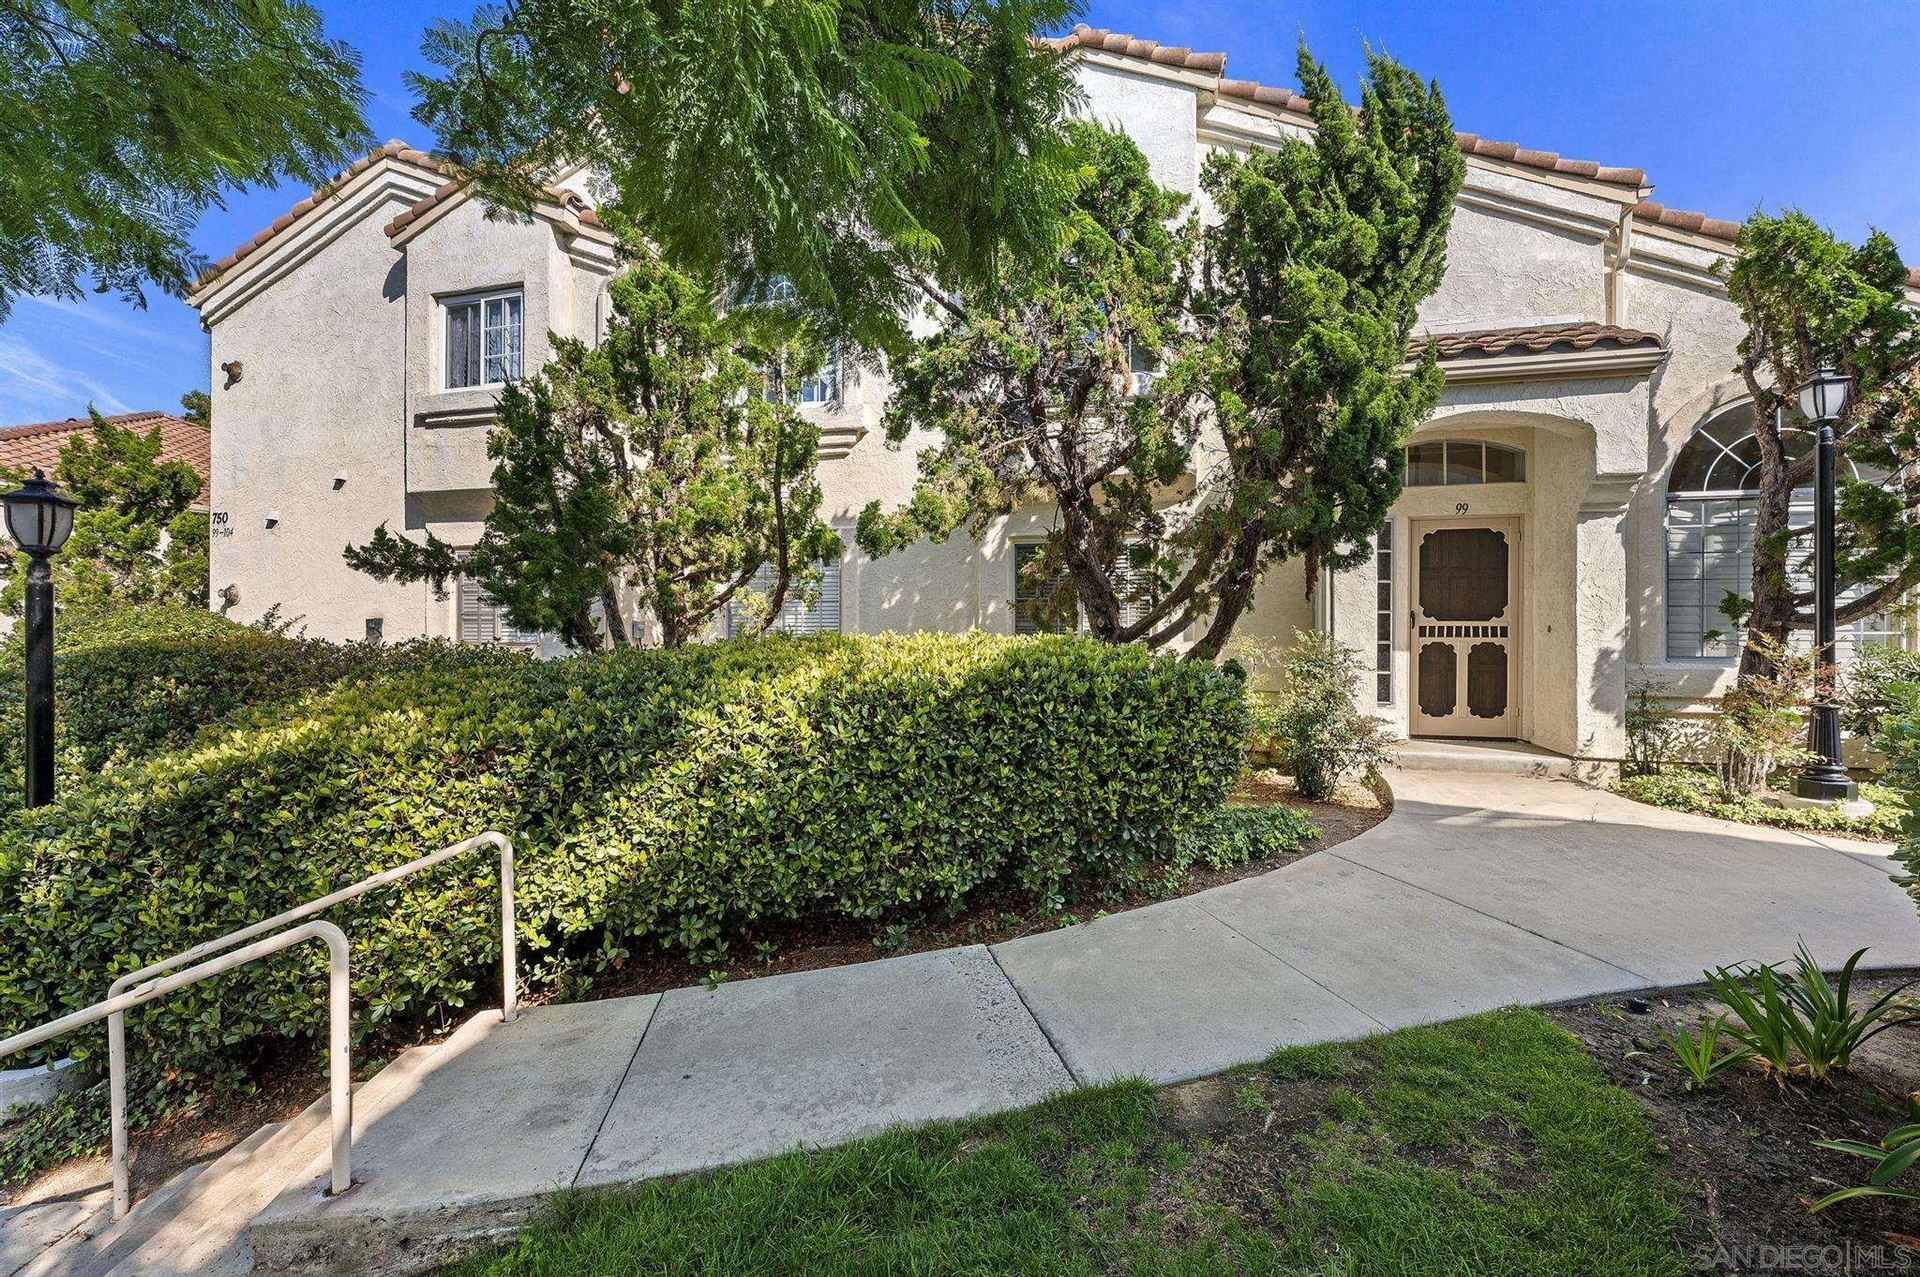 Photo of 750 Breeze Hill Rd #99, Vista, CA 92081 (MLS # 210026595)